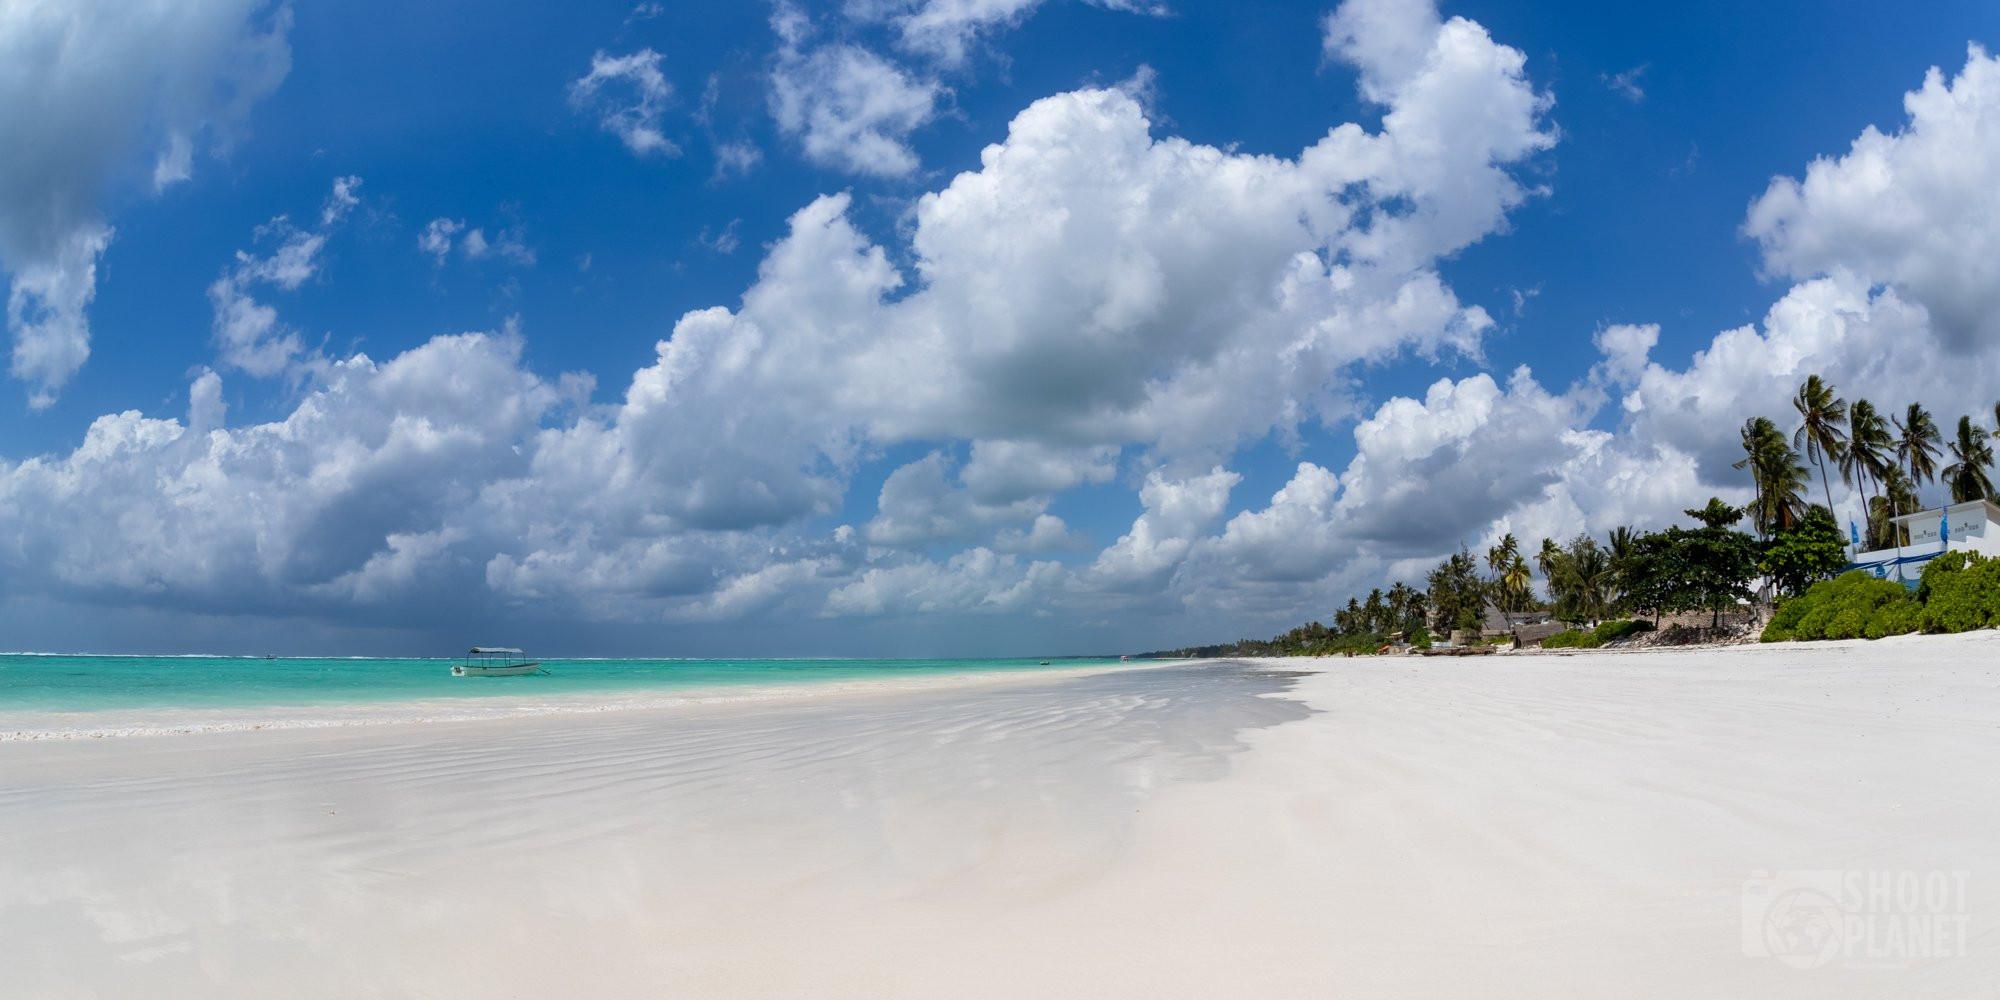 Matemwe pristine deserted beach Zanzibar Tanzania